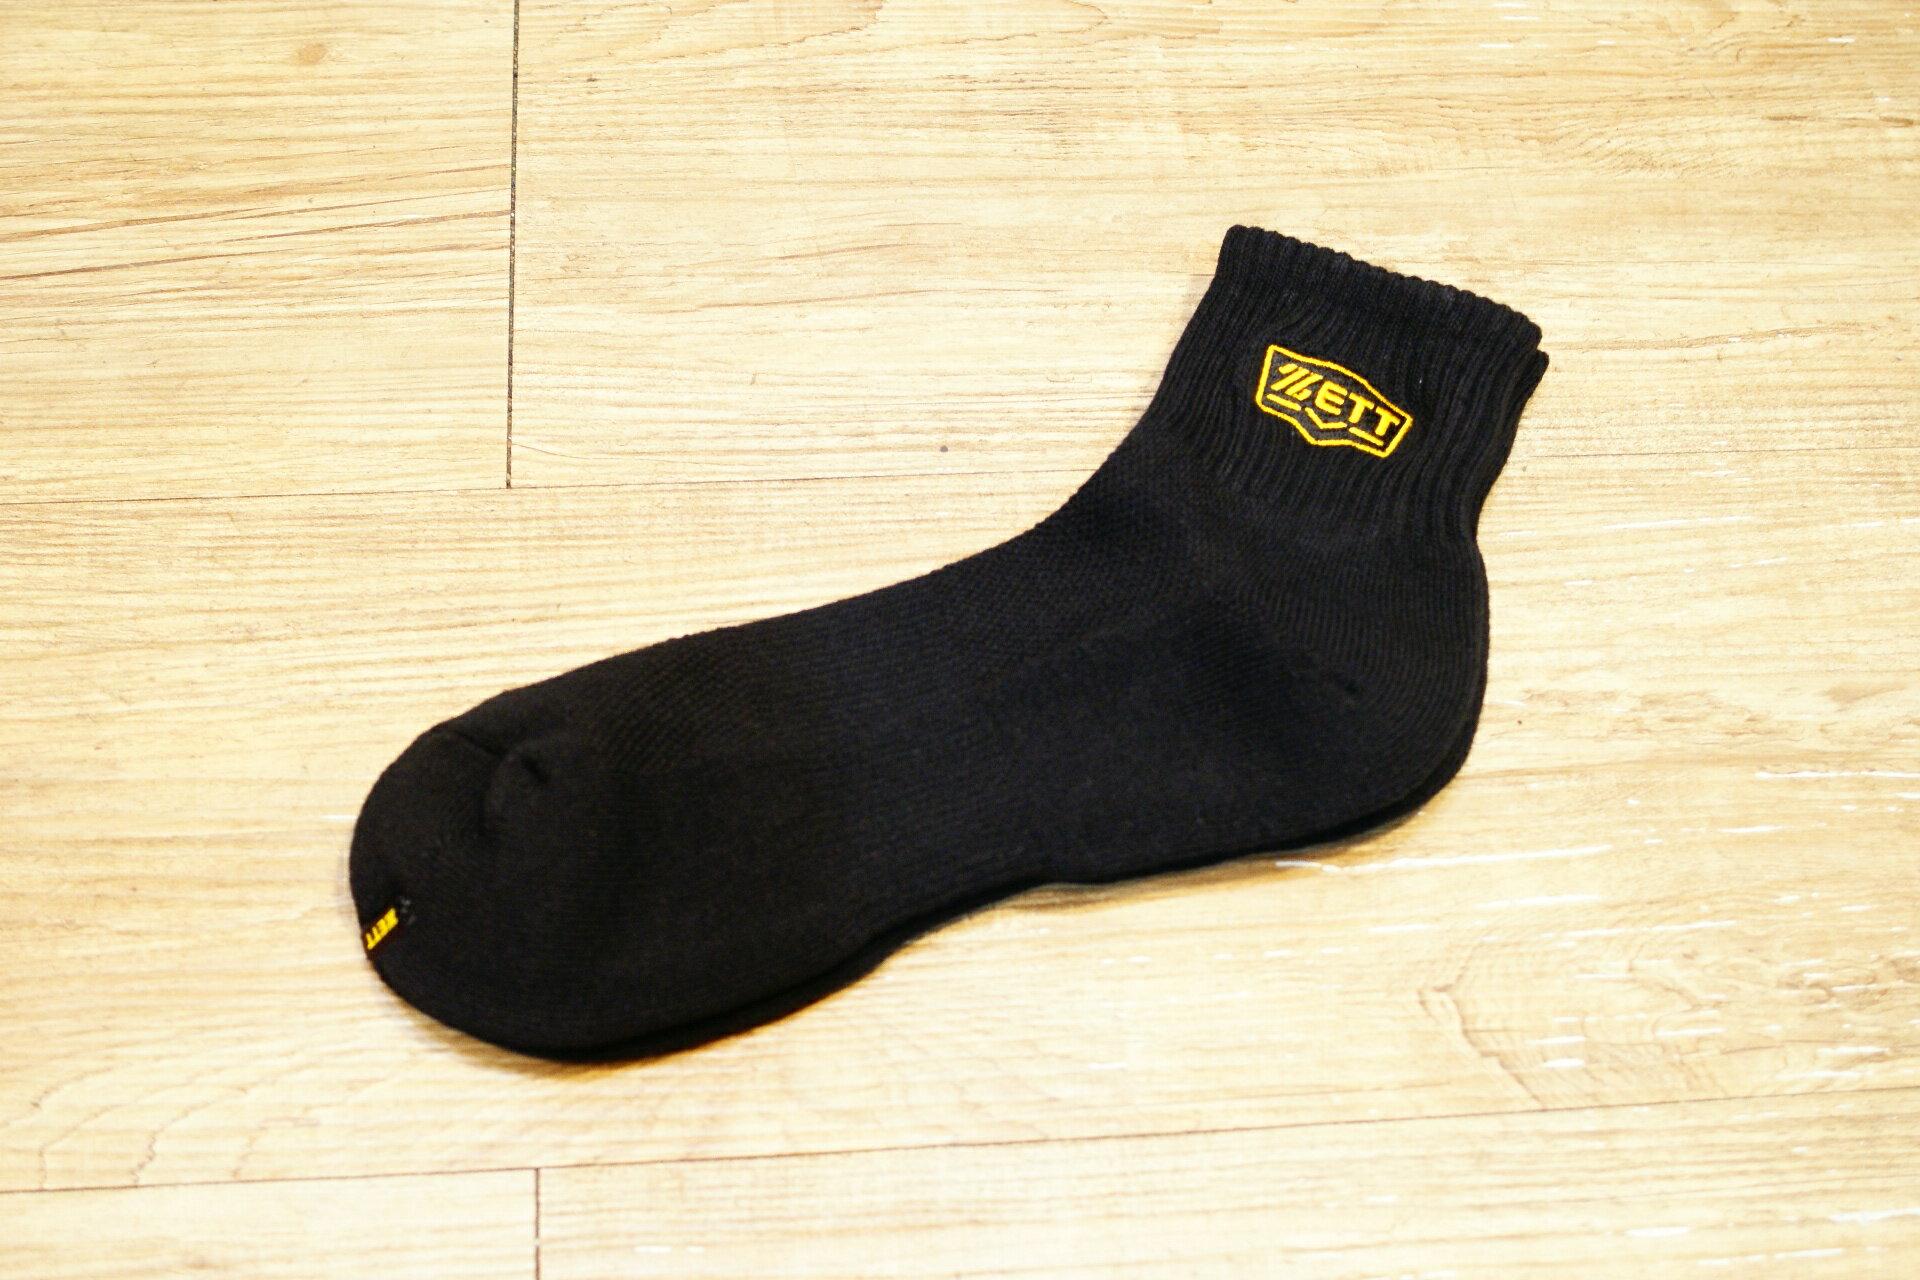 棒球世界 全新ZETT本壘版金標運動短襪~台灣製造加厚毛巾底 特價 黑色